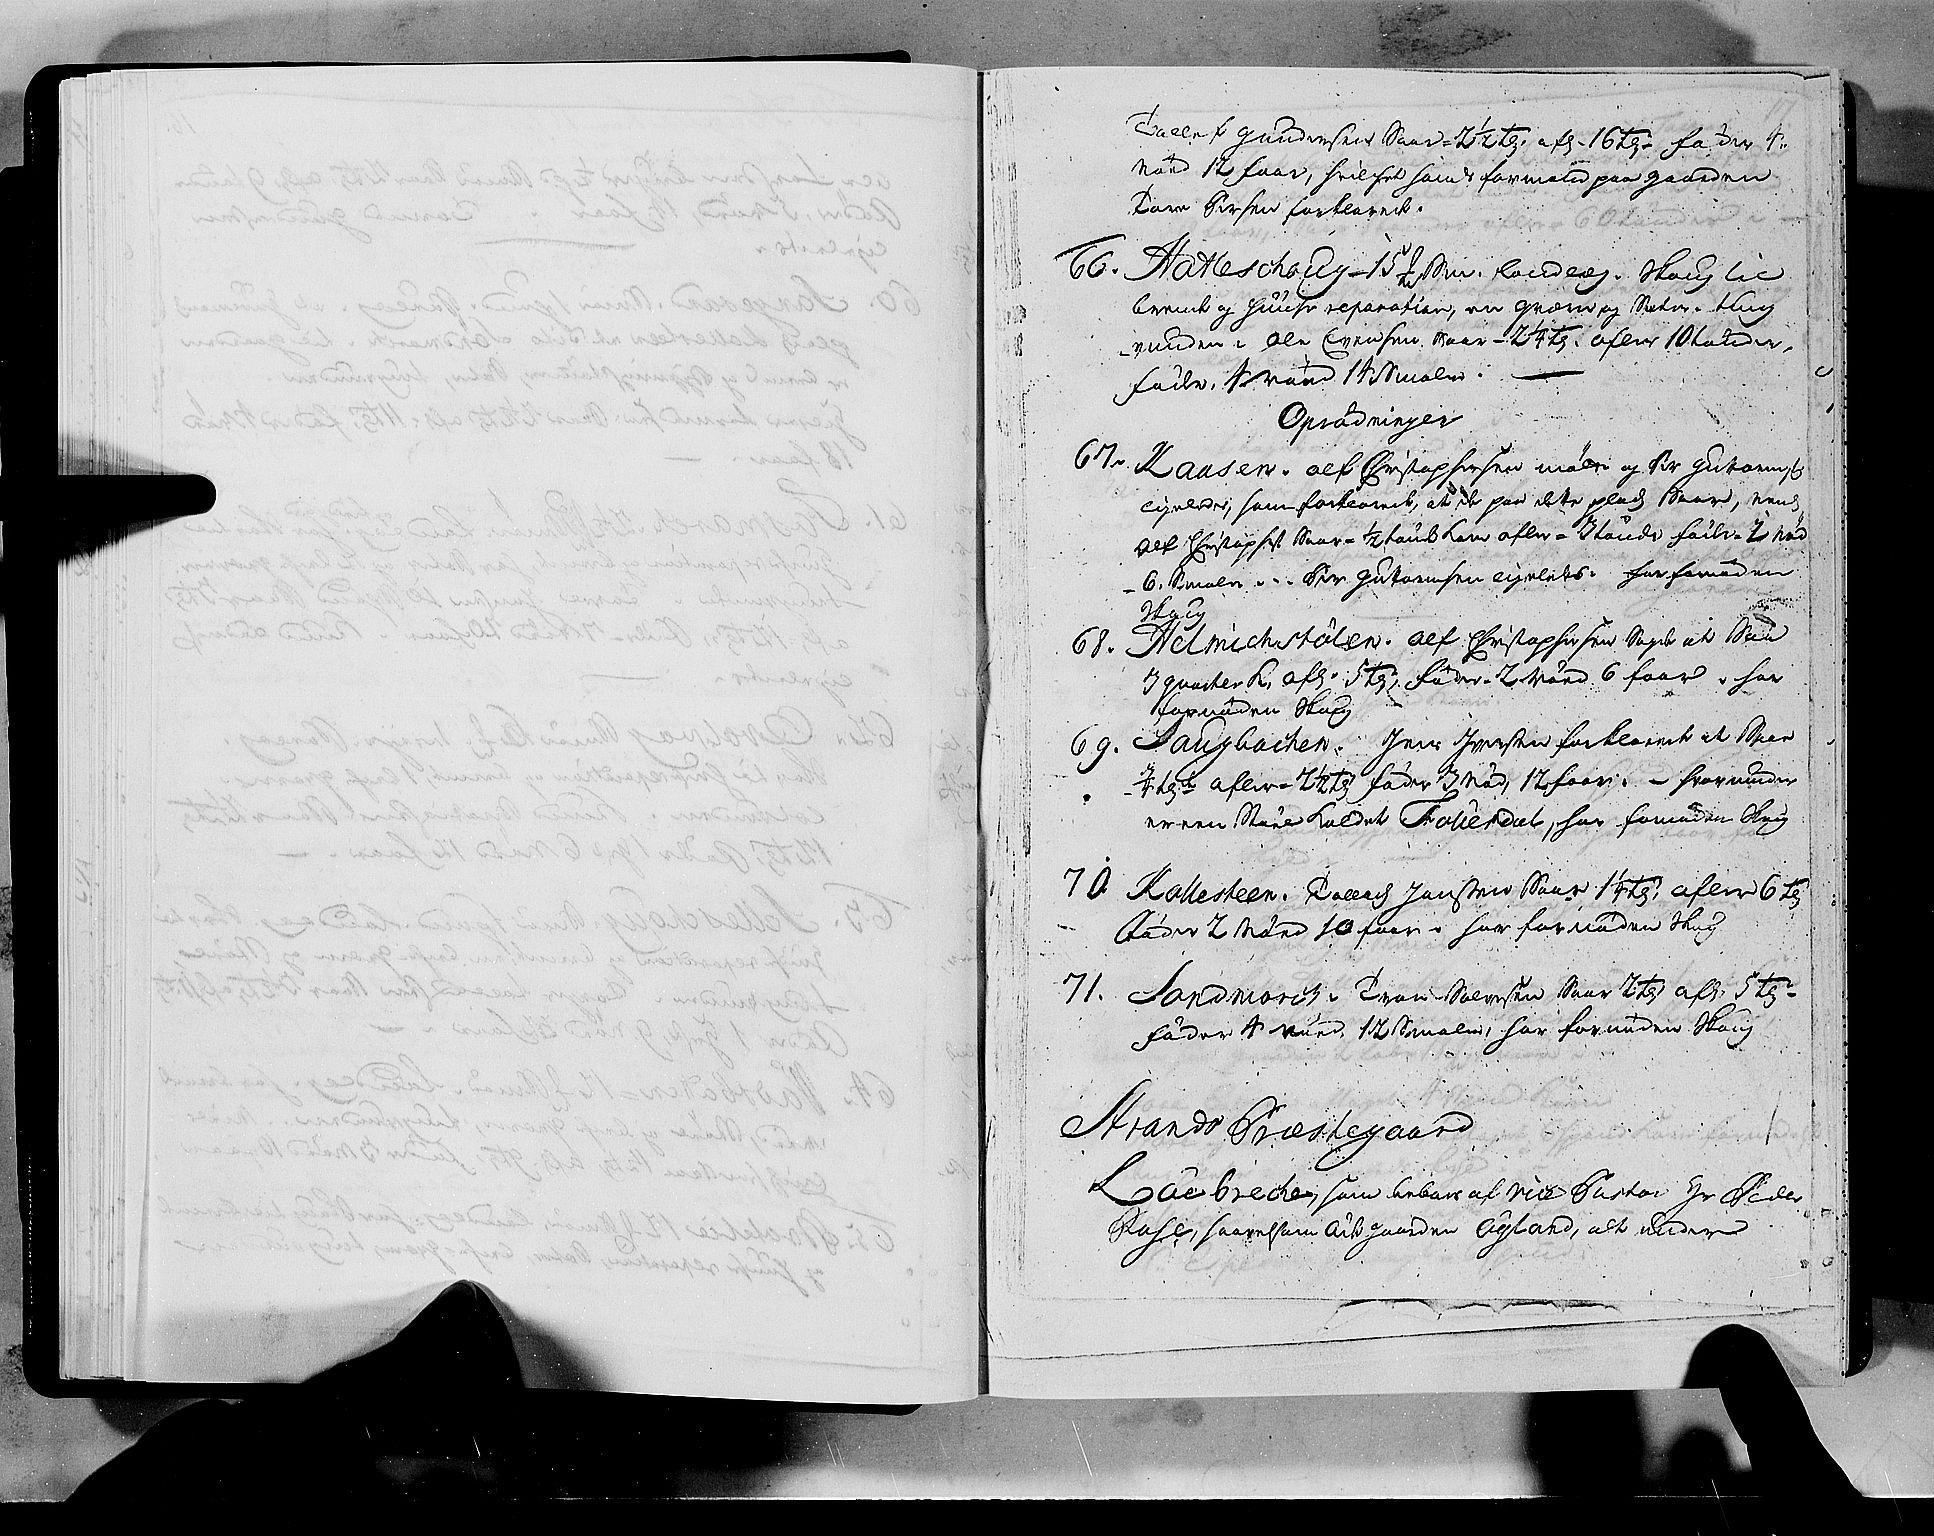 RA, Rentekammeret inntil 1814, Realistisk ordnet avdeling, N/Nb/Nbf/L0133a: Ryfylke eksaminasjonsprotokoll, 1723, s. 16b